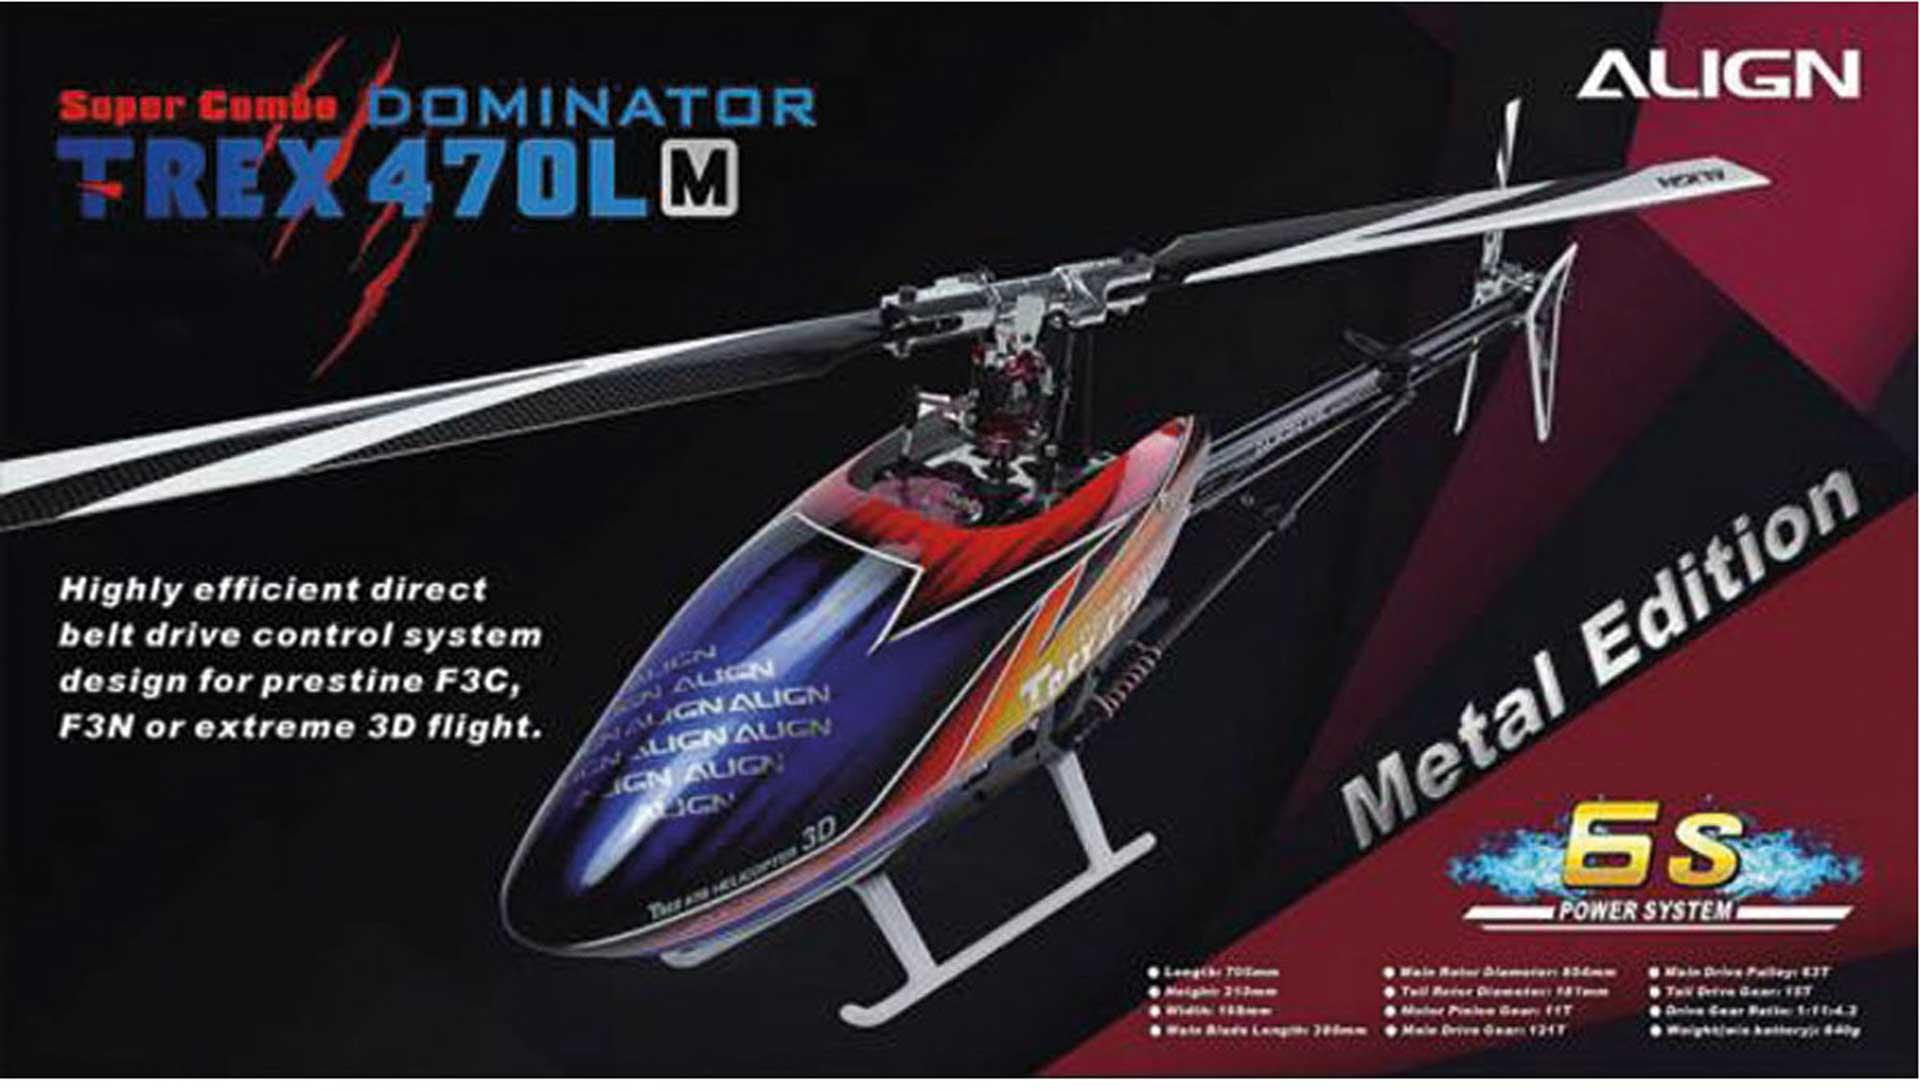 ALIGN T-REX 470LM DOMINATOR COMBO Hubschrauber / Helikopter